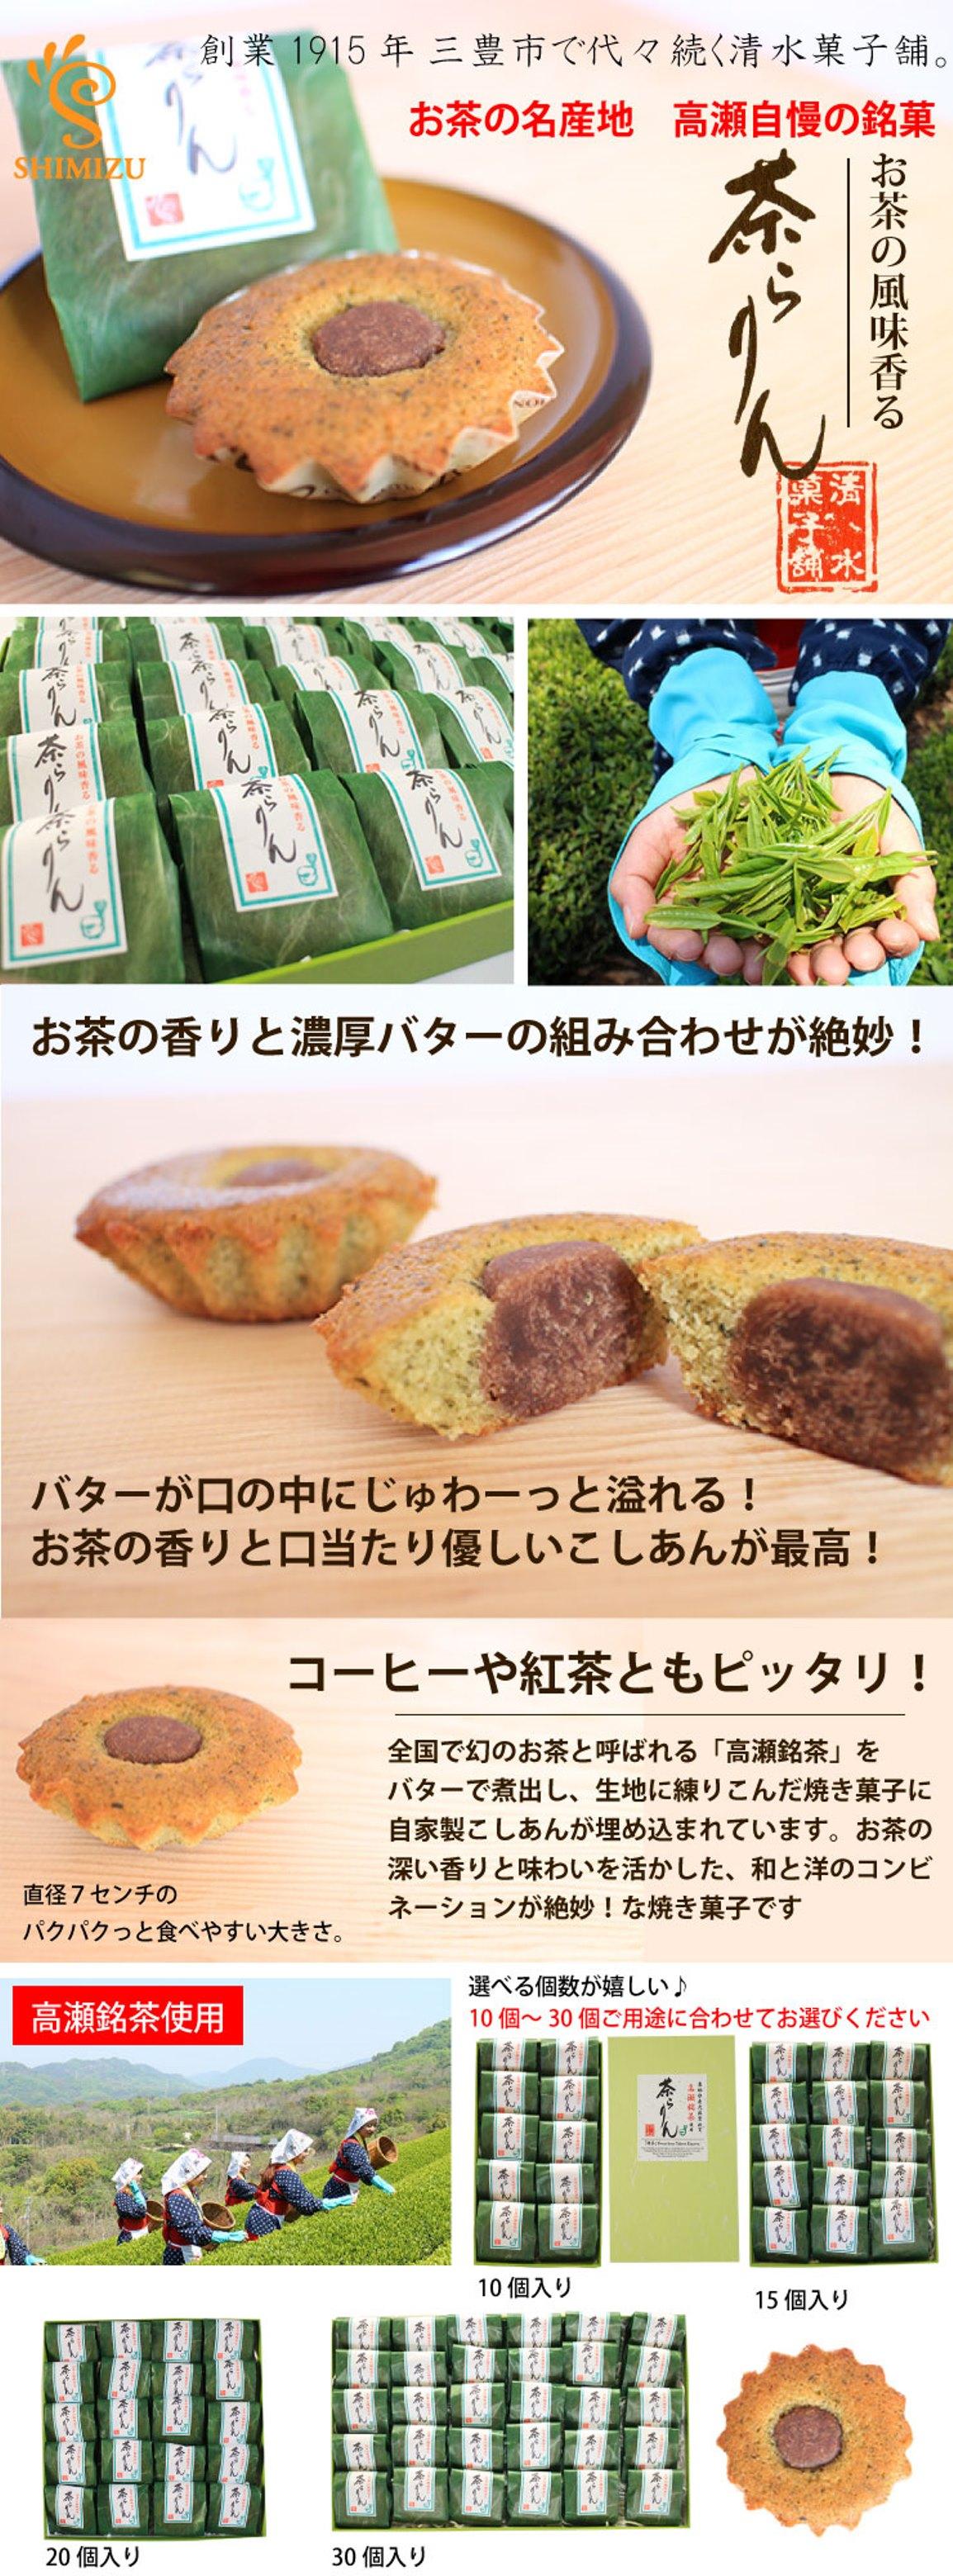 高瀬銘茶を使ったカステラの中にあんこが入った、和洋折衷のお菓子。清水菓子舗でも大人気の逸品です。